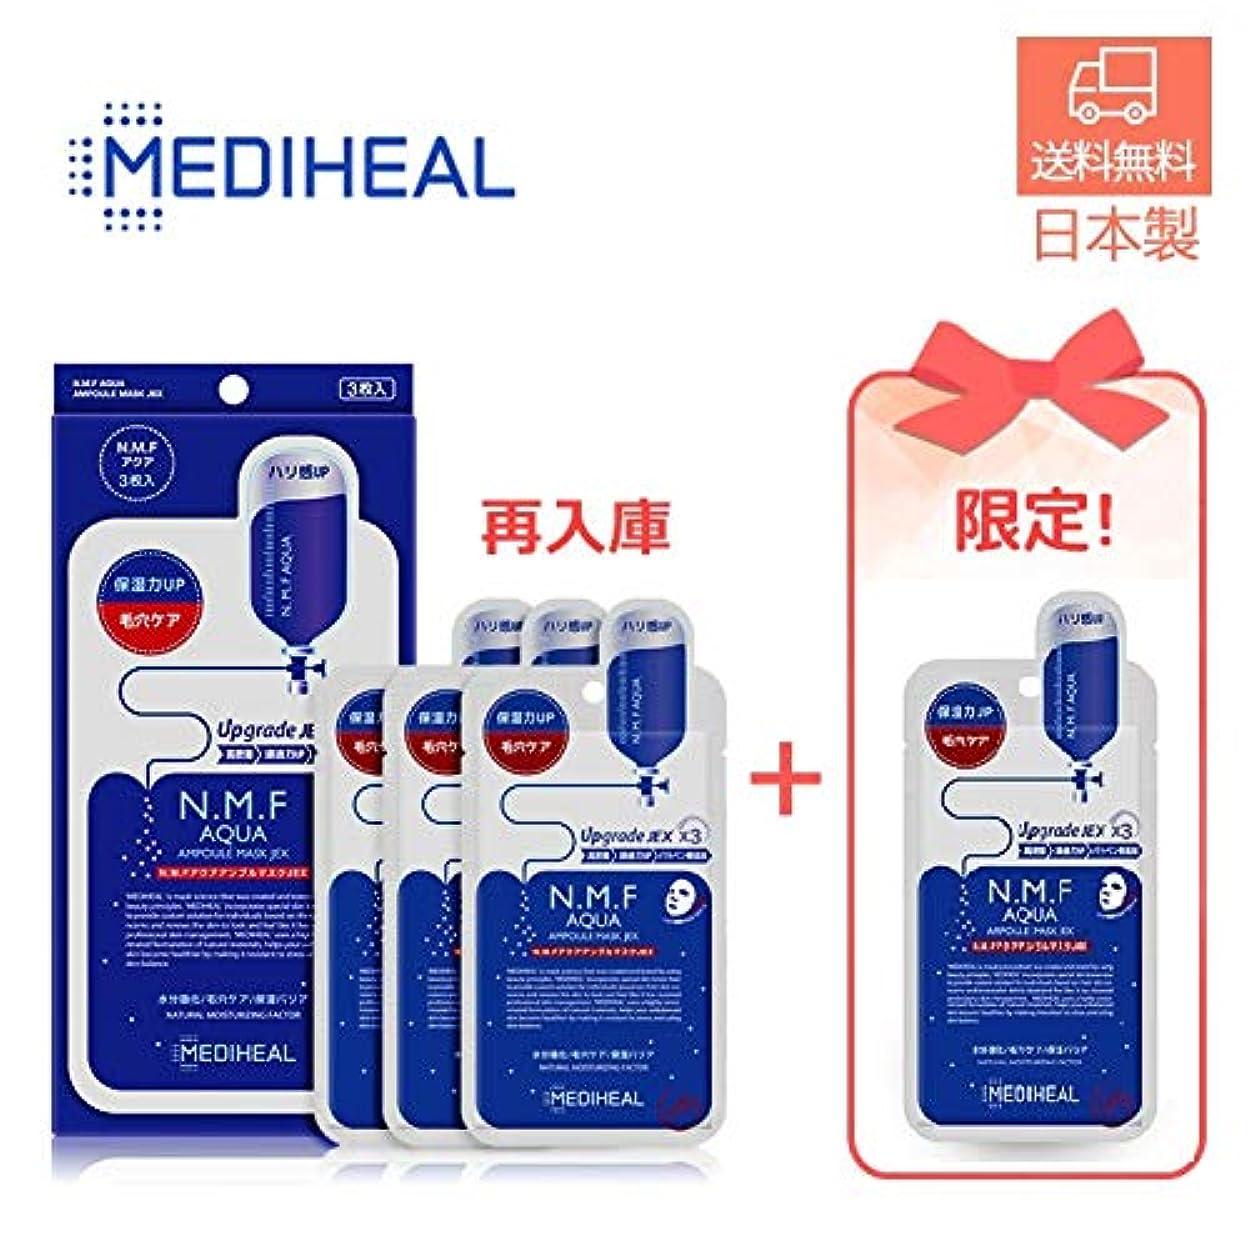 遅滞時代長椅子MEDIHEAL(メディヒール) N.M.Fアクアアンプルマスク 3枚入 + 1枚